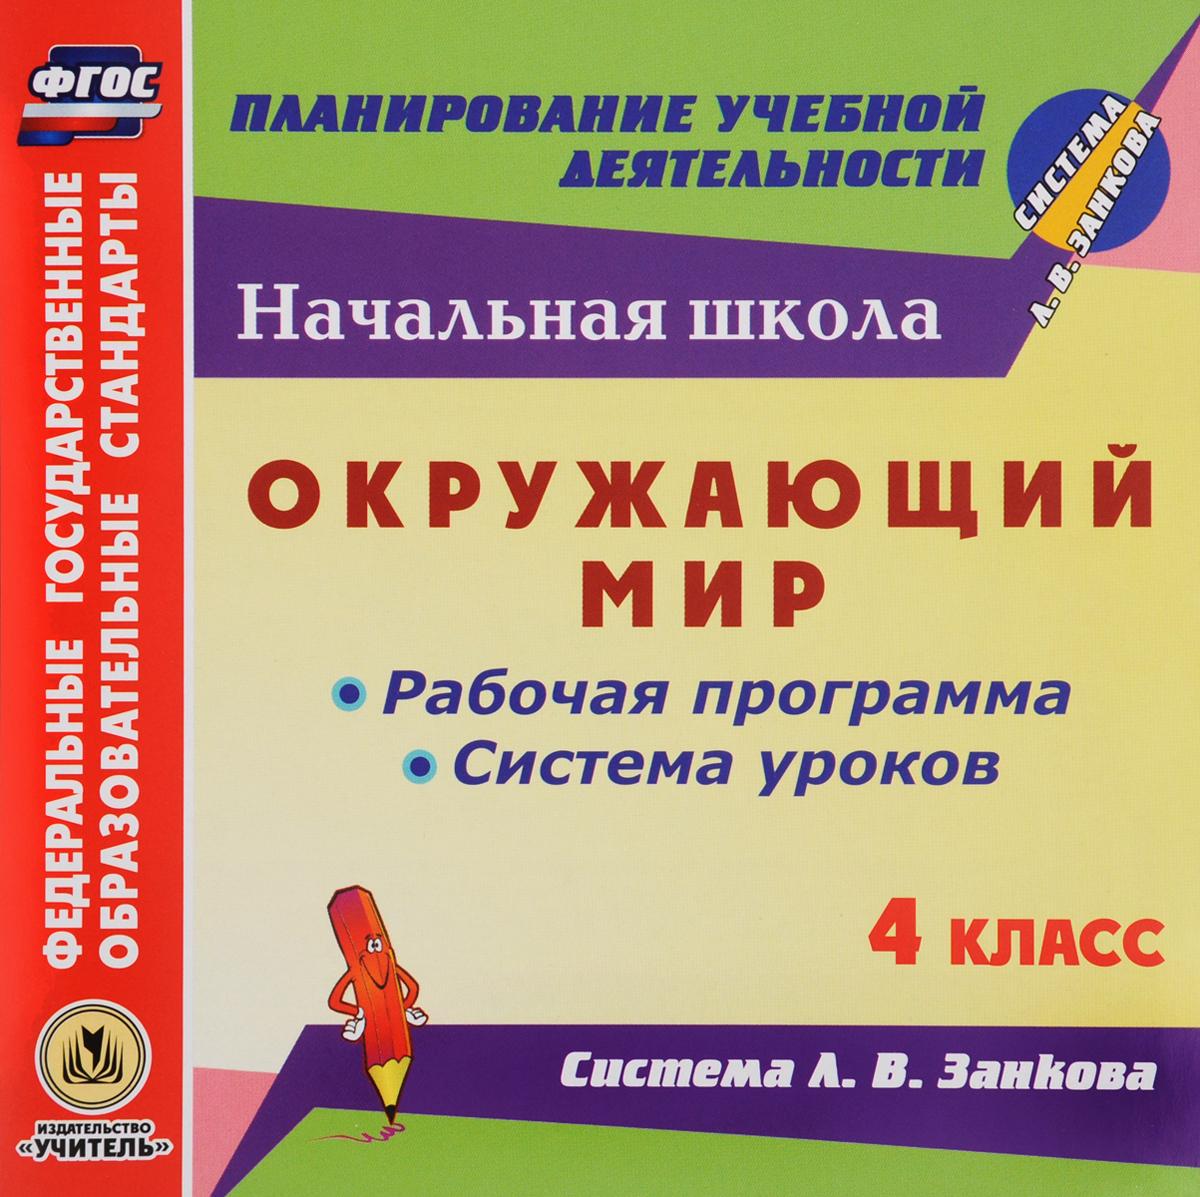 Окружающий мир. 4 класс: рабочая программа и система уроков по системе Л. В. Занкова